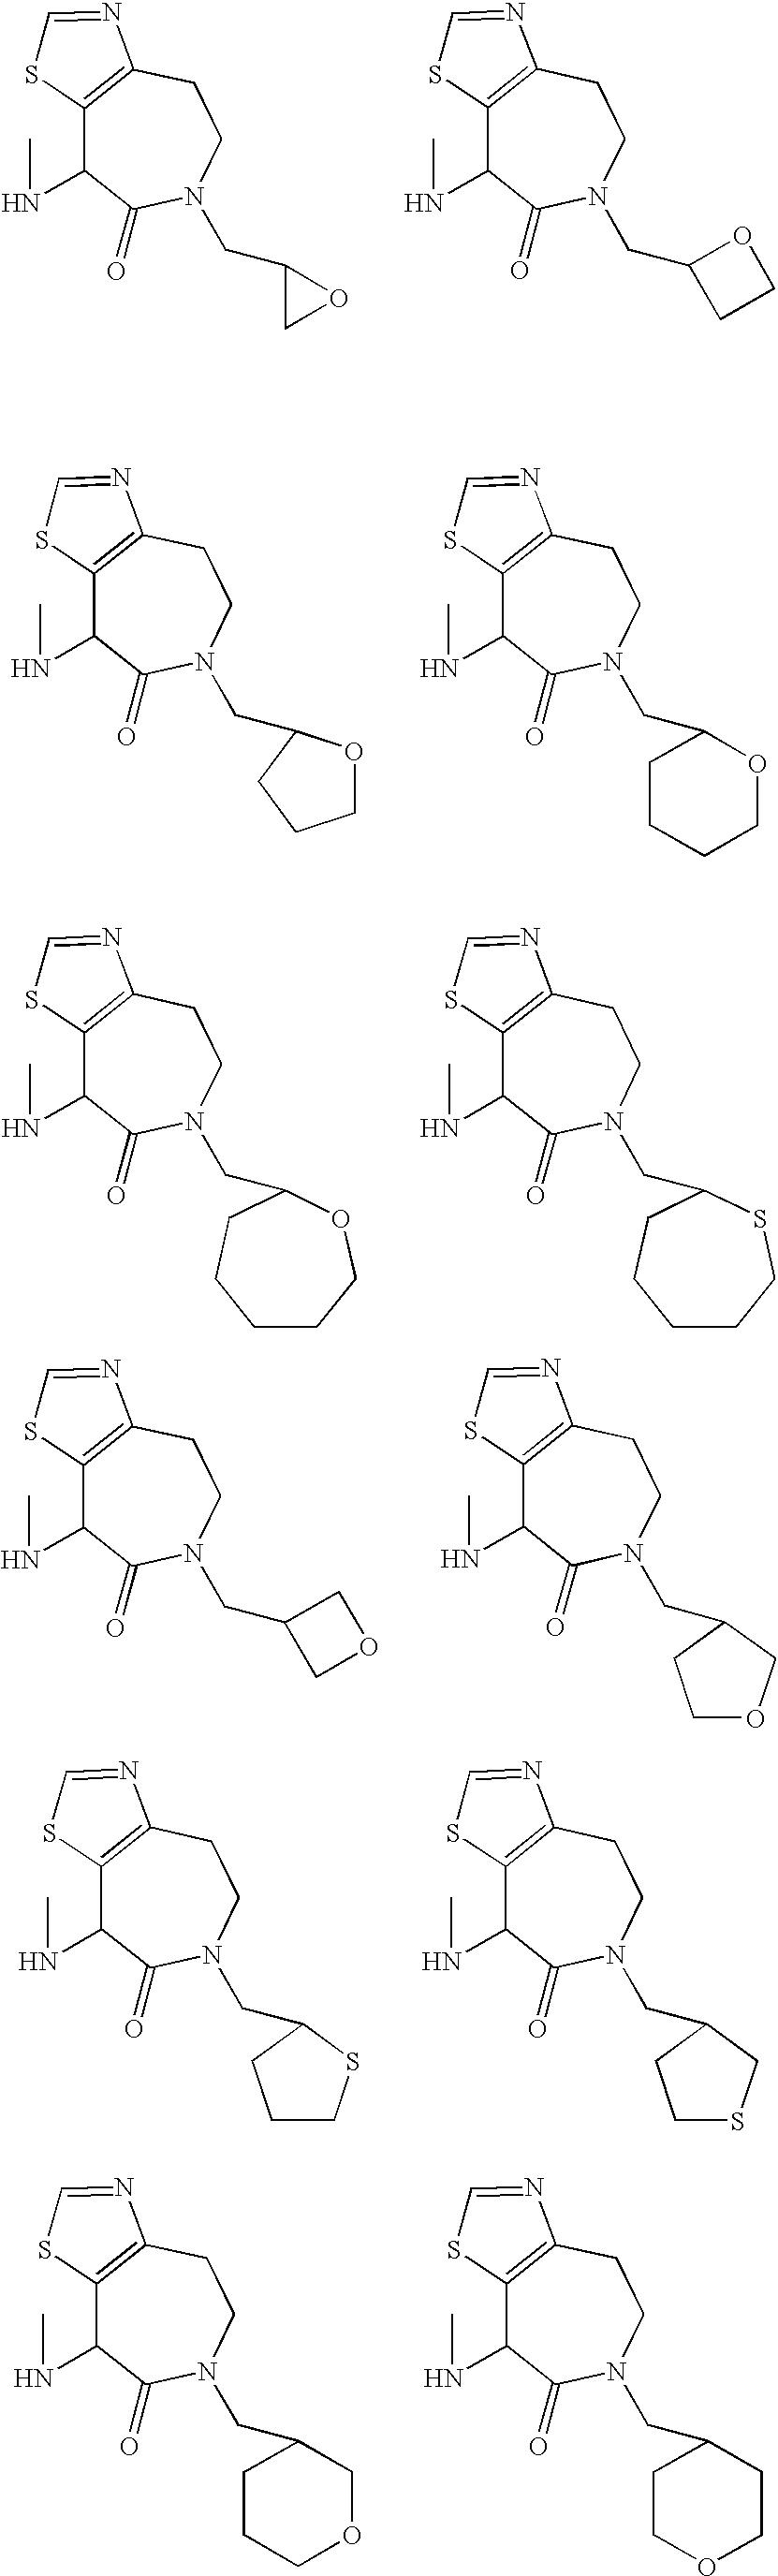 Figure US06509331-20030121-C00066